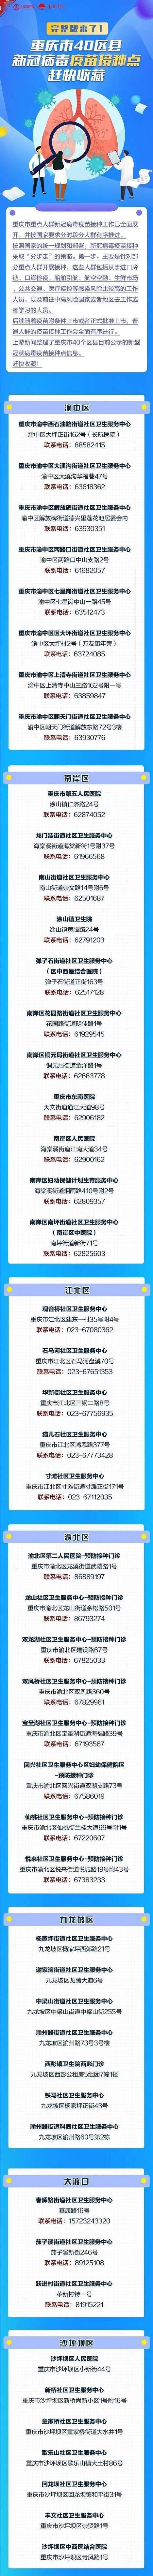 新冠疫苗,全民免费接种!重庆40区县新冠疫苗接种点!看看离你家最近的点在哪里?